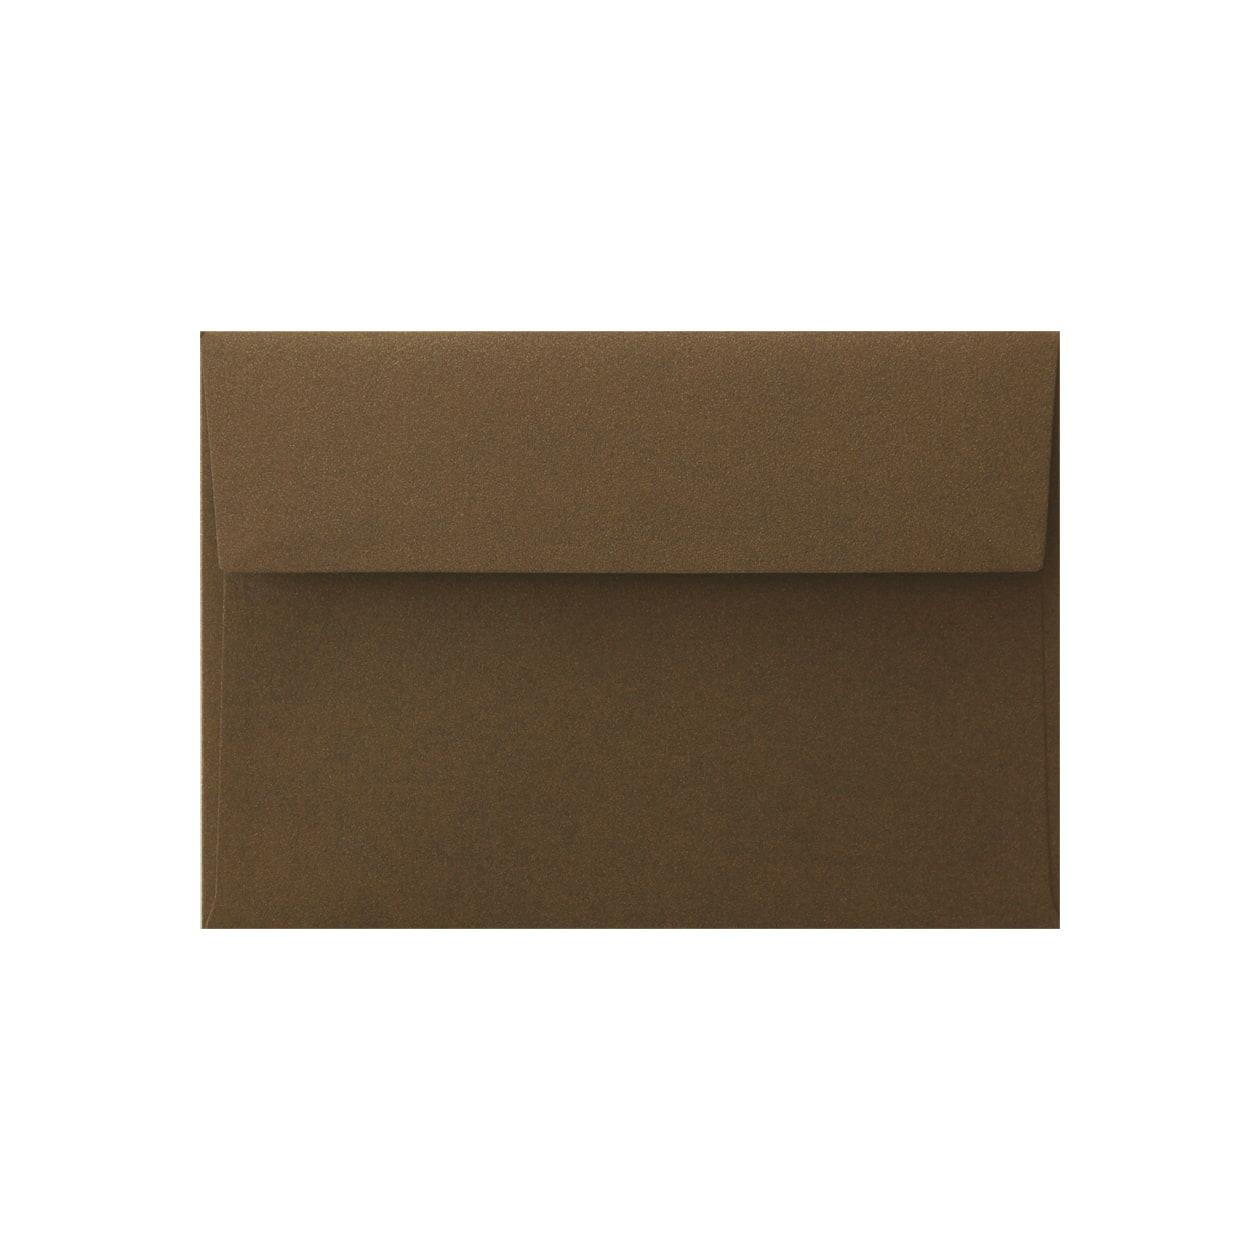 洋2カマス封筒 コットンパール チョコレート 125.3g